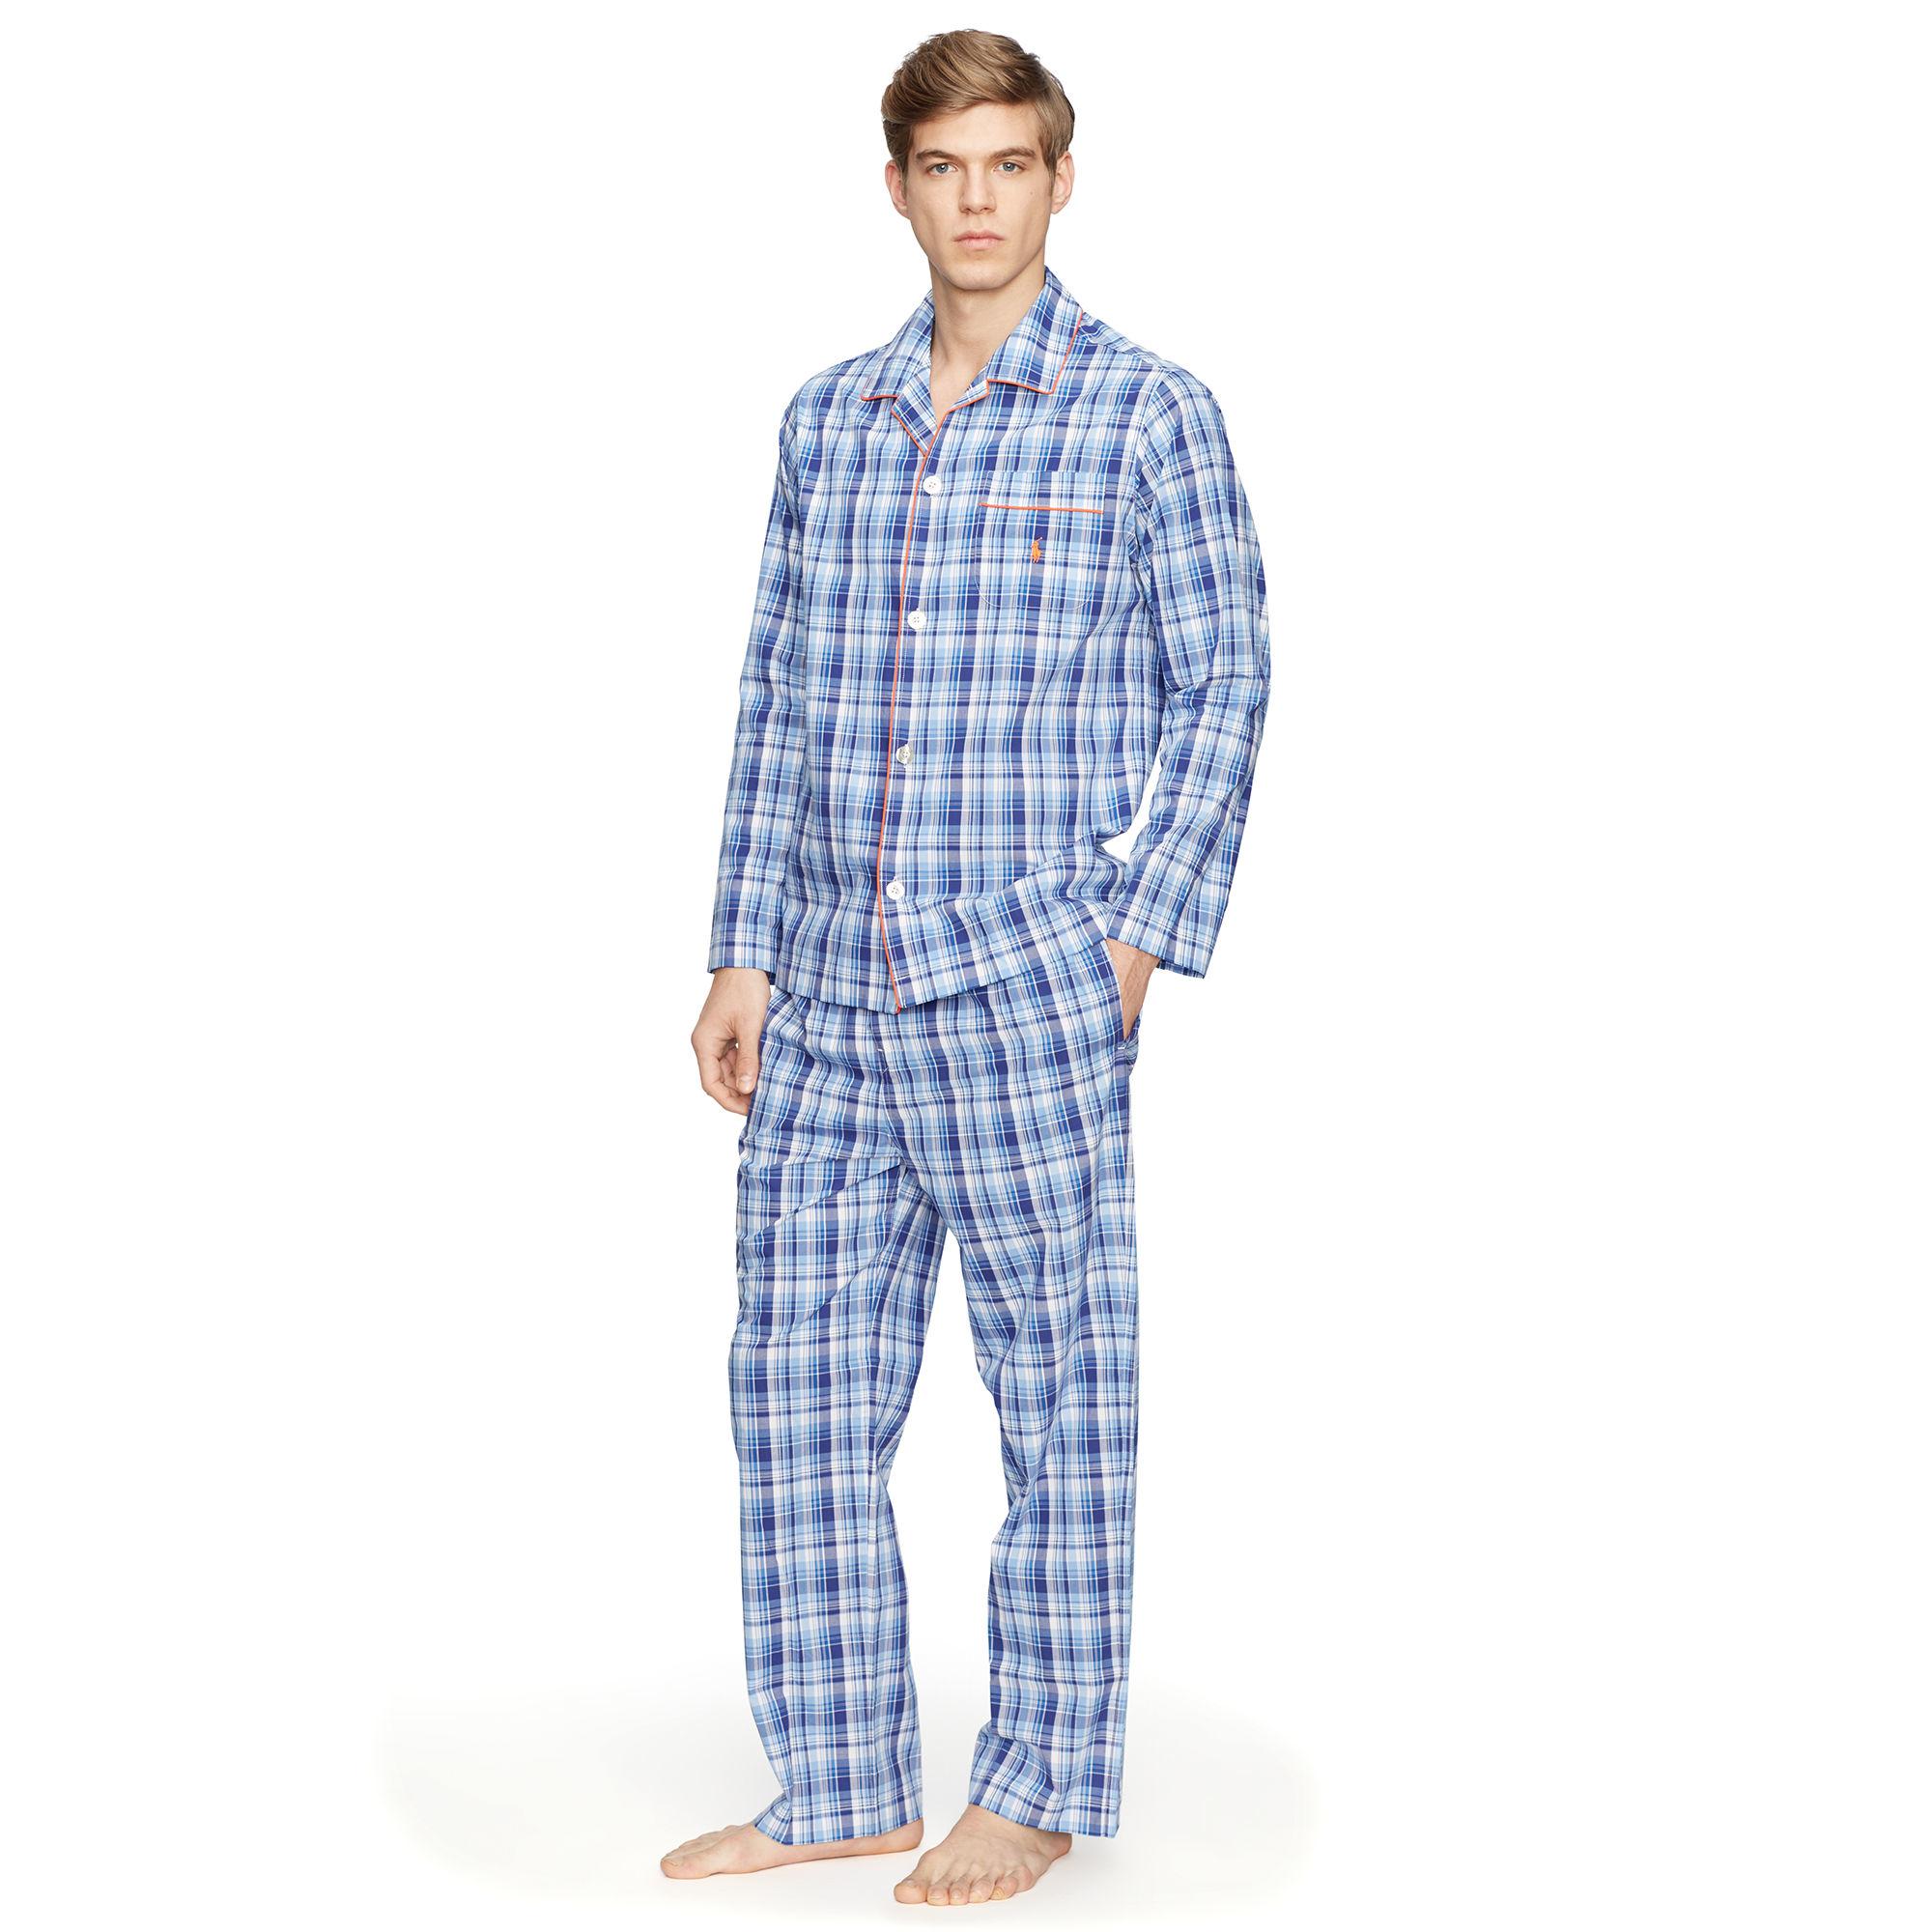 5789dc8452 Polo Ralph Lauren Plaid Cotton Pajama Set for Men - Lyst